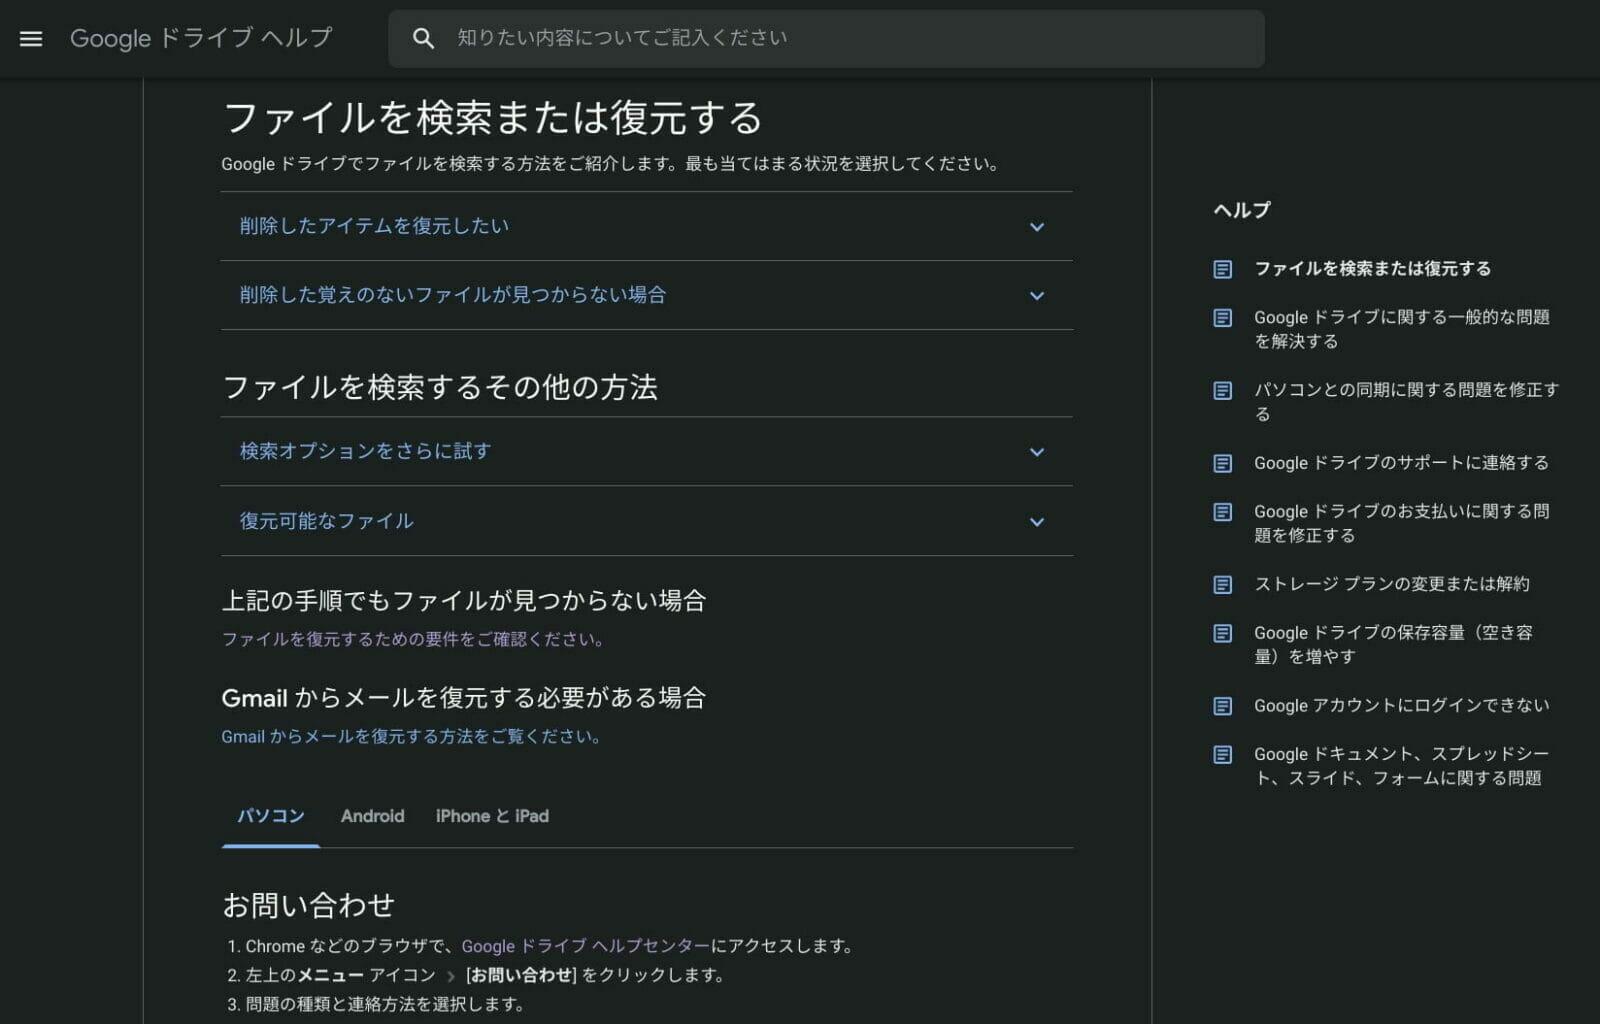 Google ドライブ ヘルプ:ファイルを検索または復元する